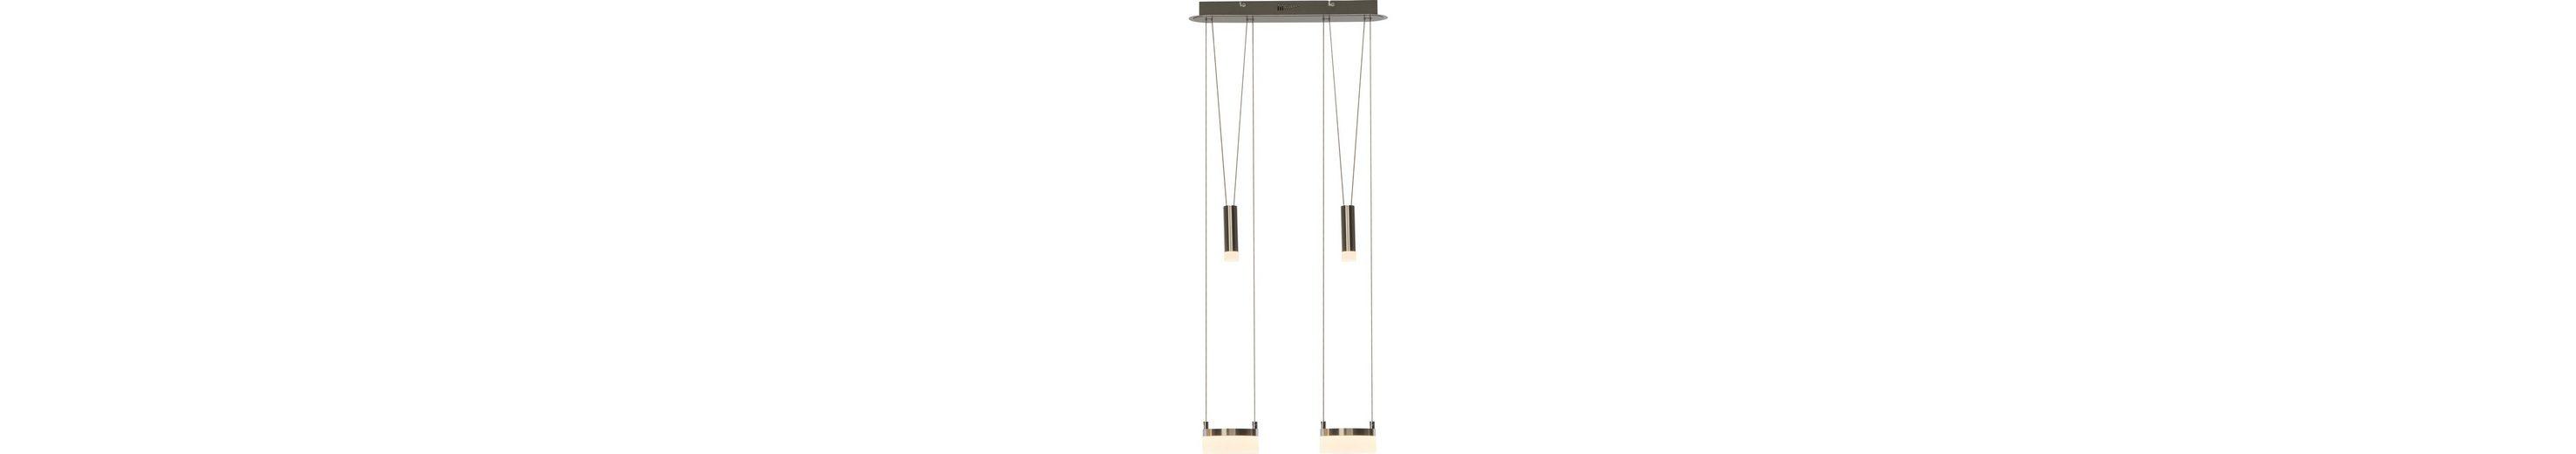 Brilliant Leuchten Better LED Pendelleuchte, 2-flammig, höhenverstellbar eisen/weiß